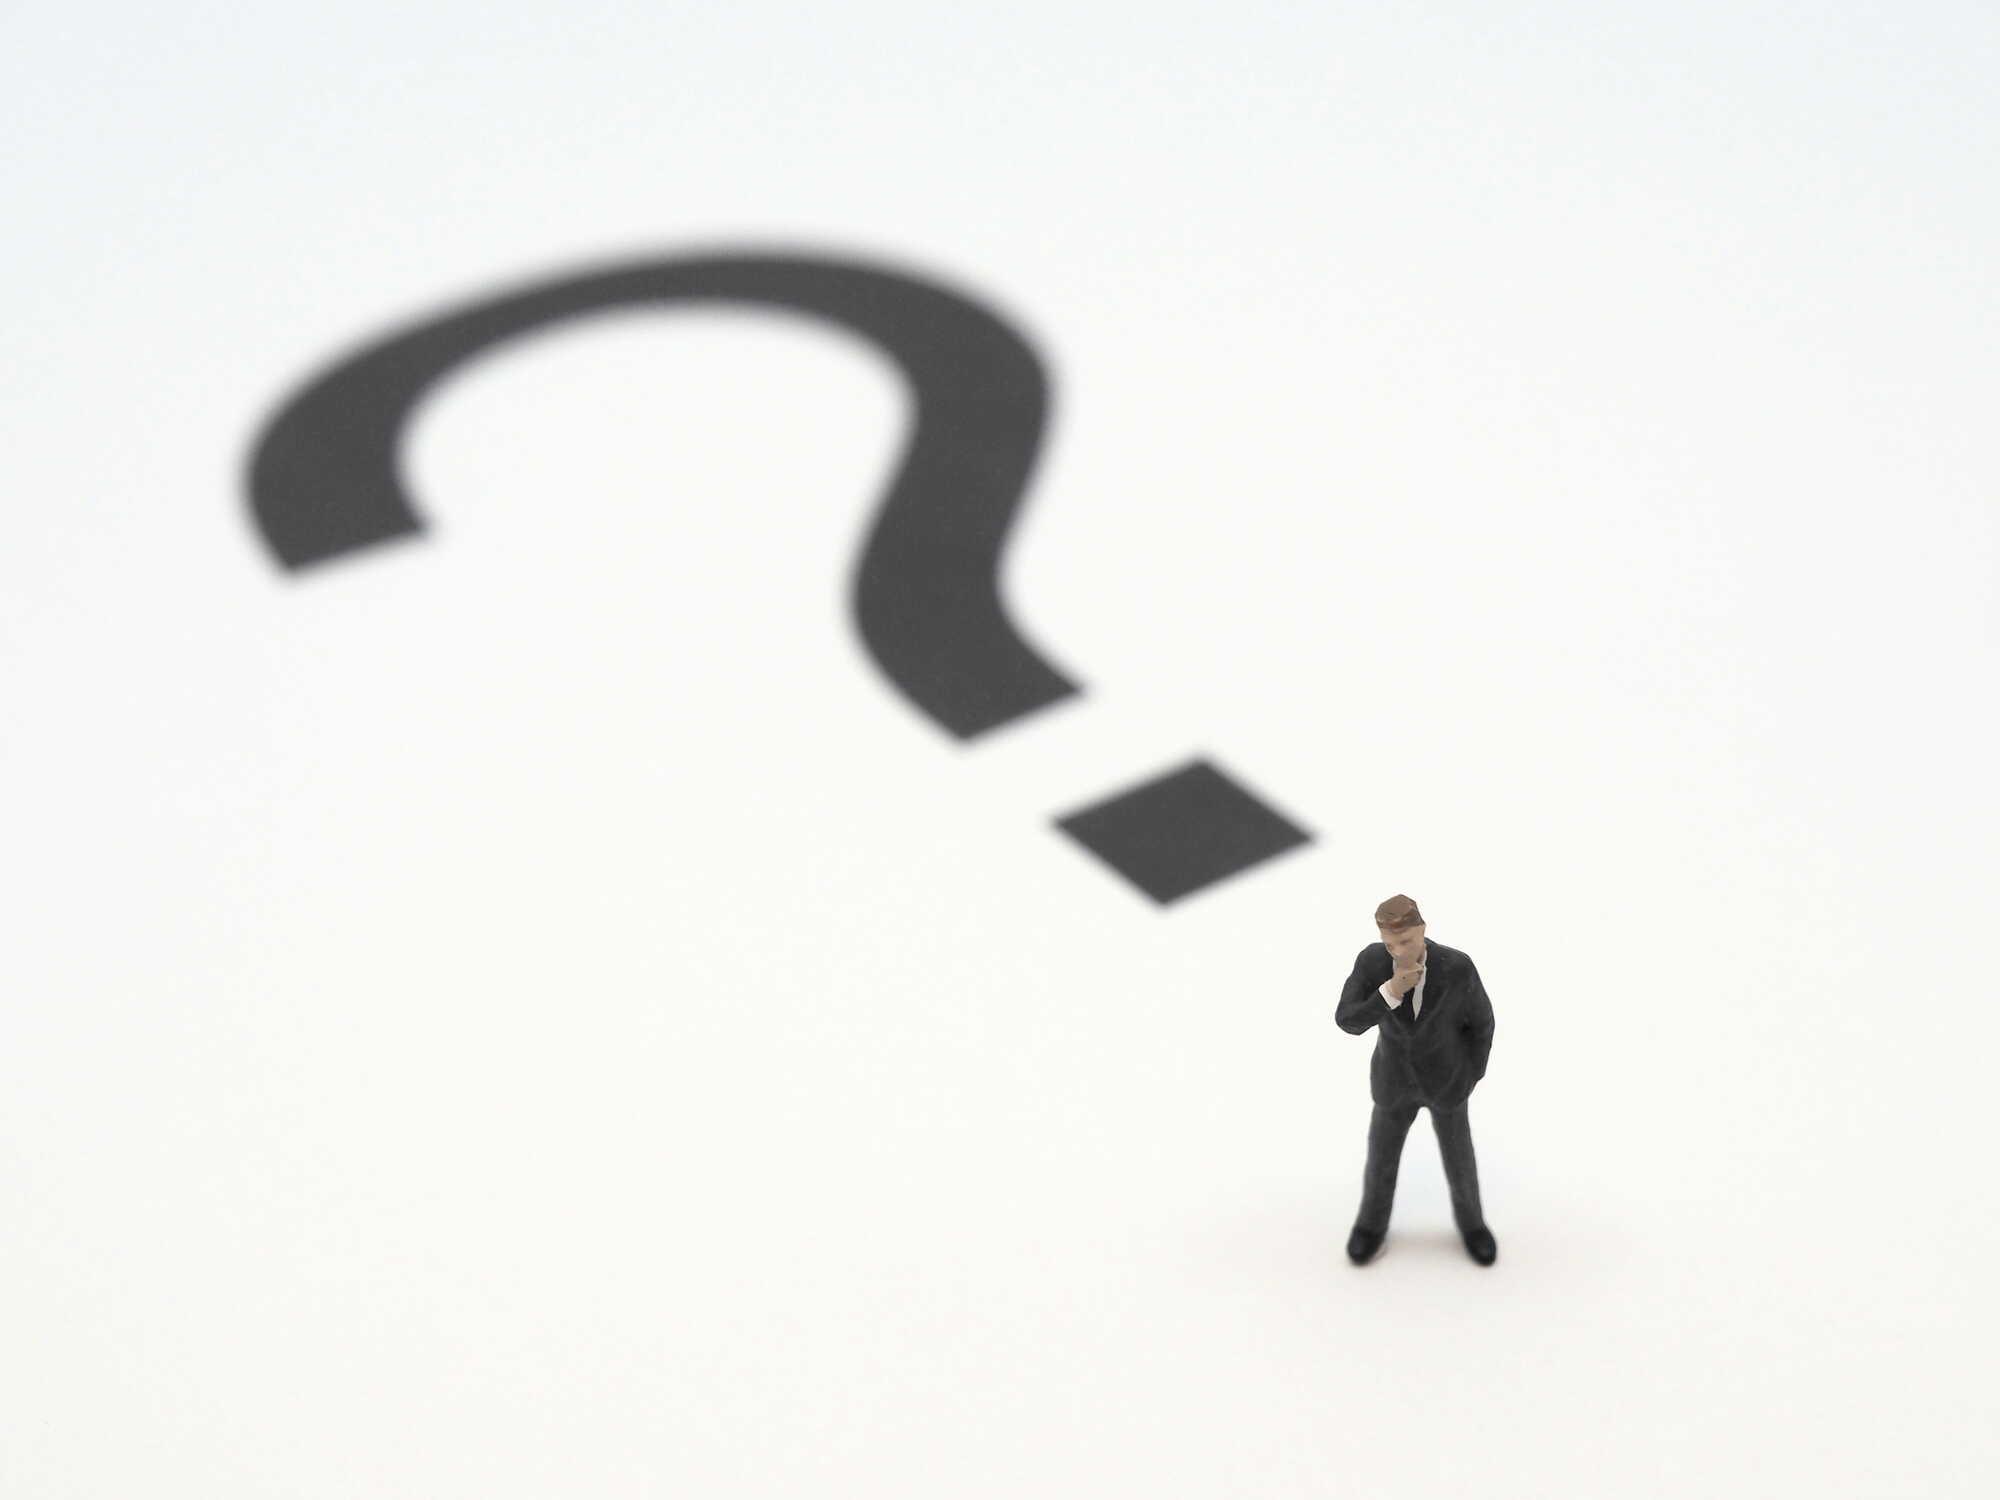 中小企業の中途採用は難しい?